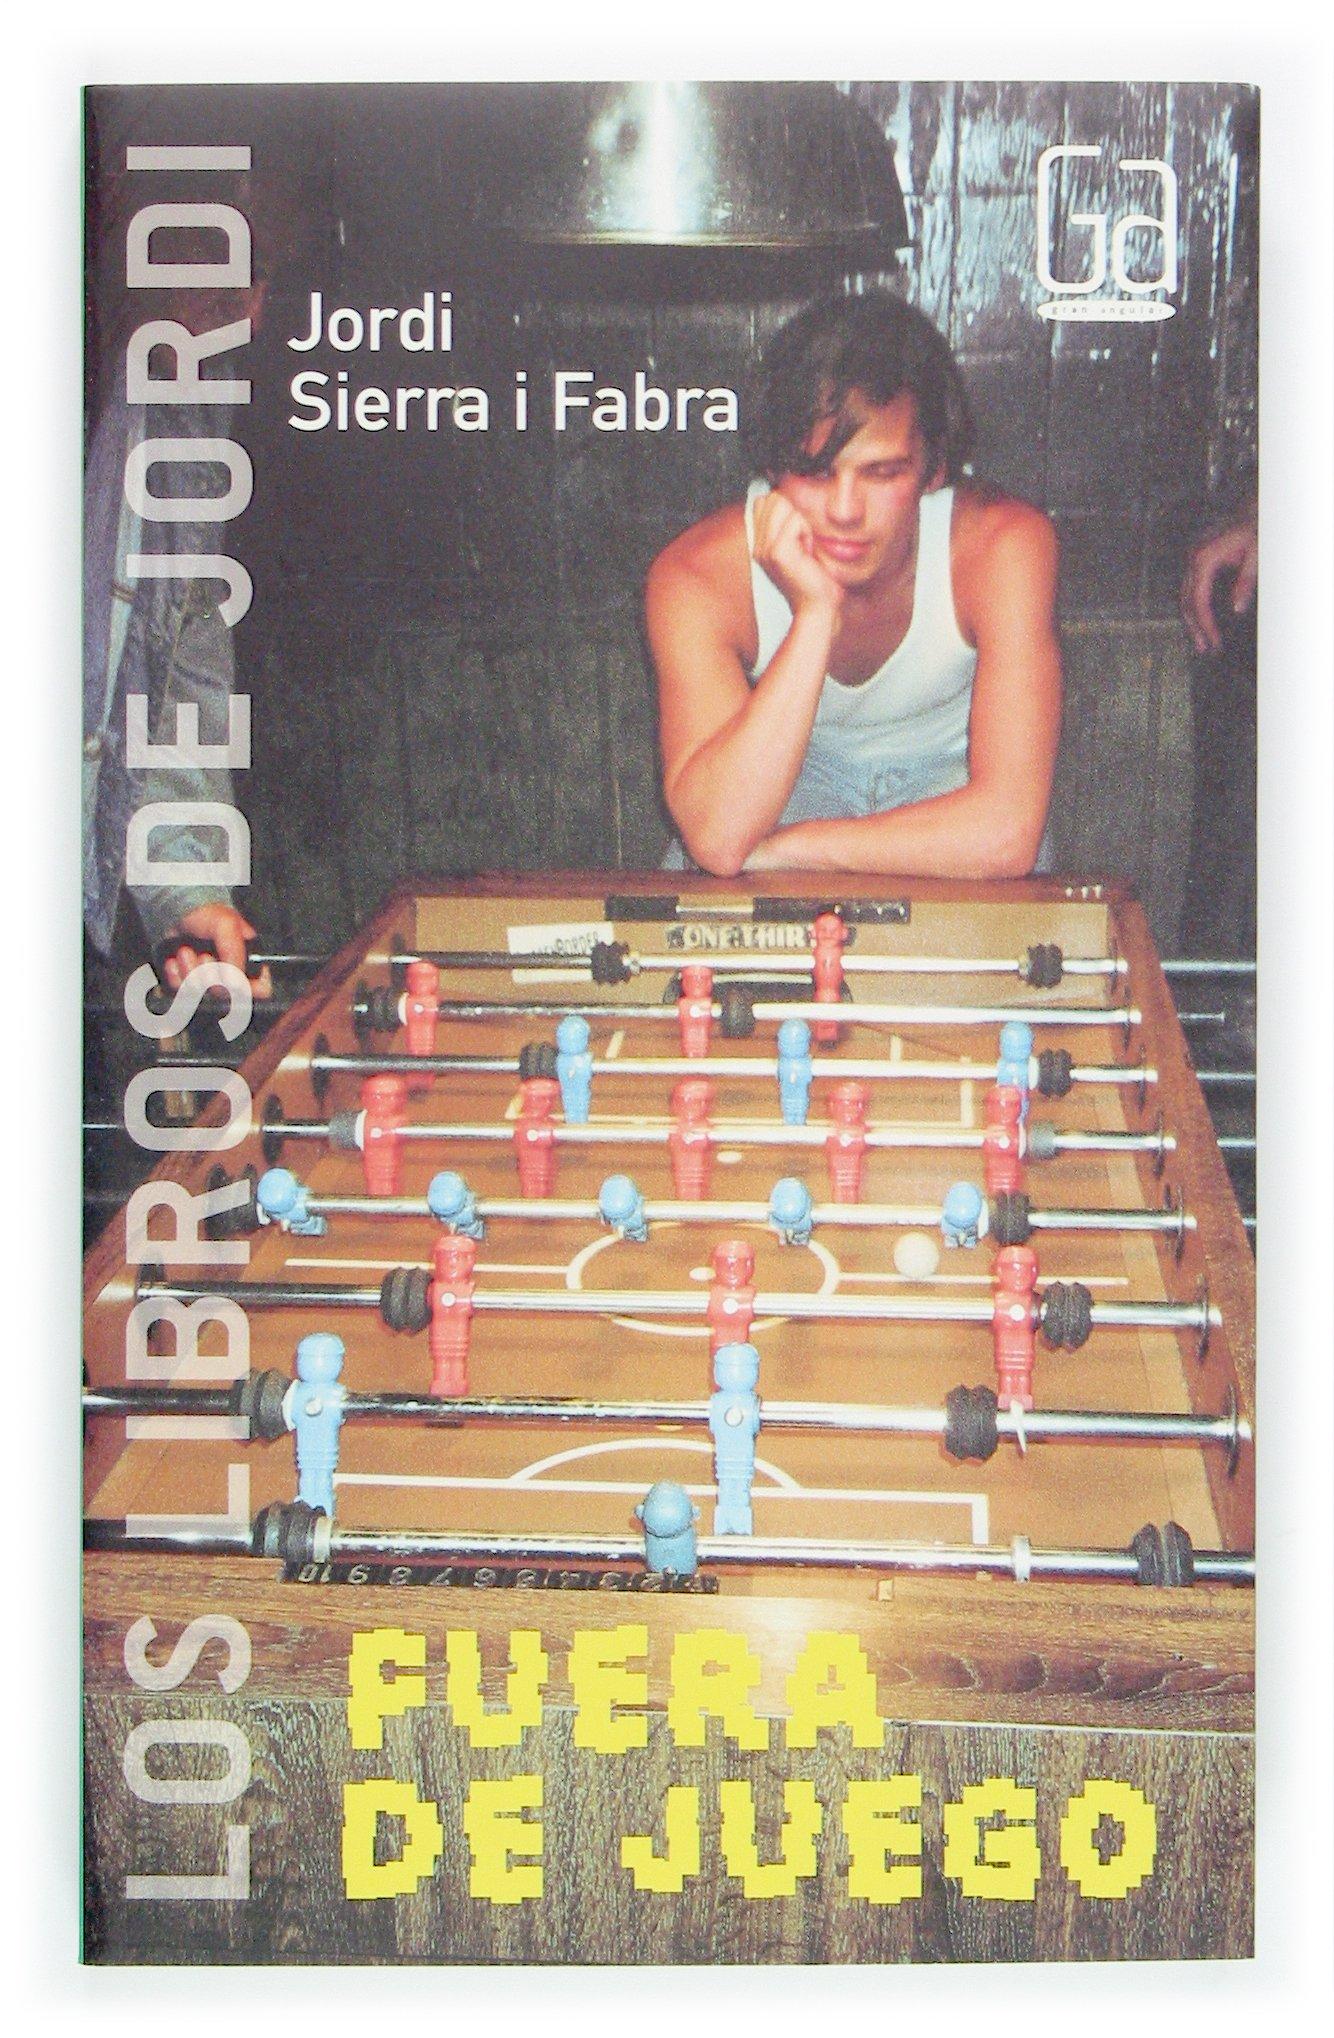 Fuera de juego / Out of Play (Los Libros de Jordi / The Books of Jordi) (Spanish Edition) pdf